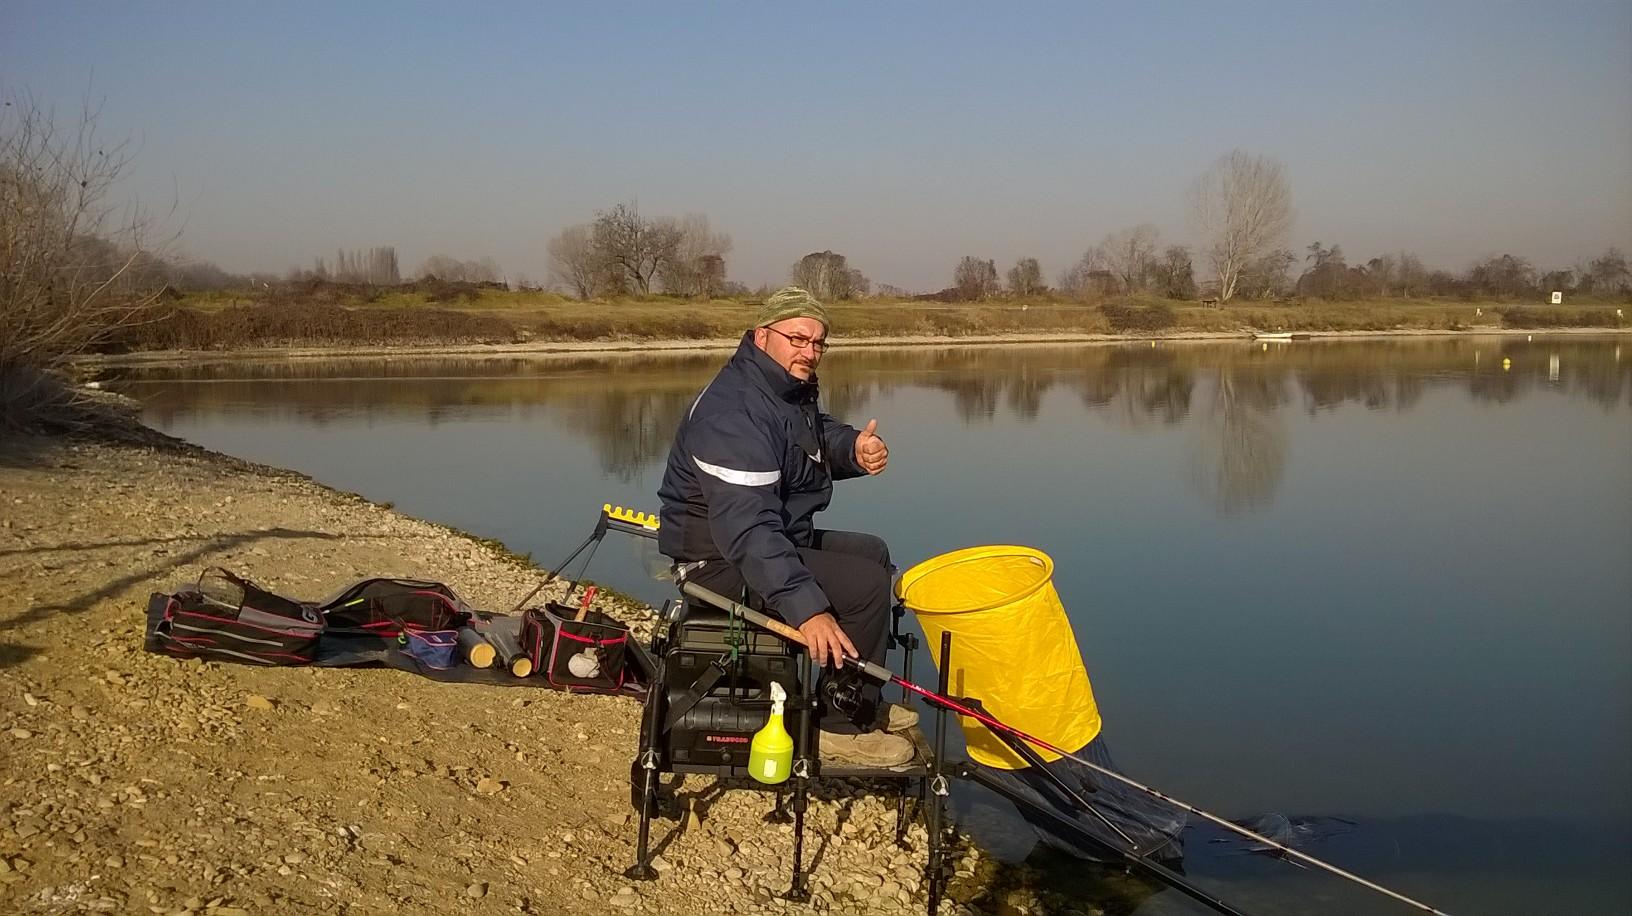 Il russo che pesca 1.6 su che prendere un sazan